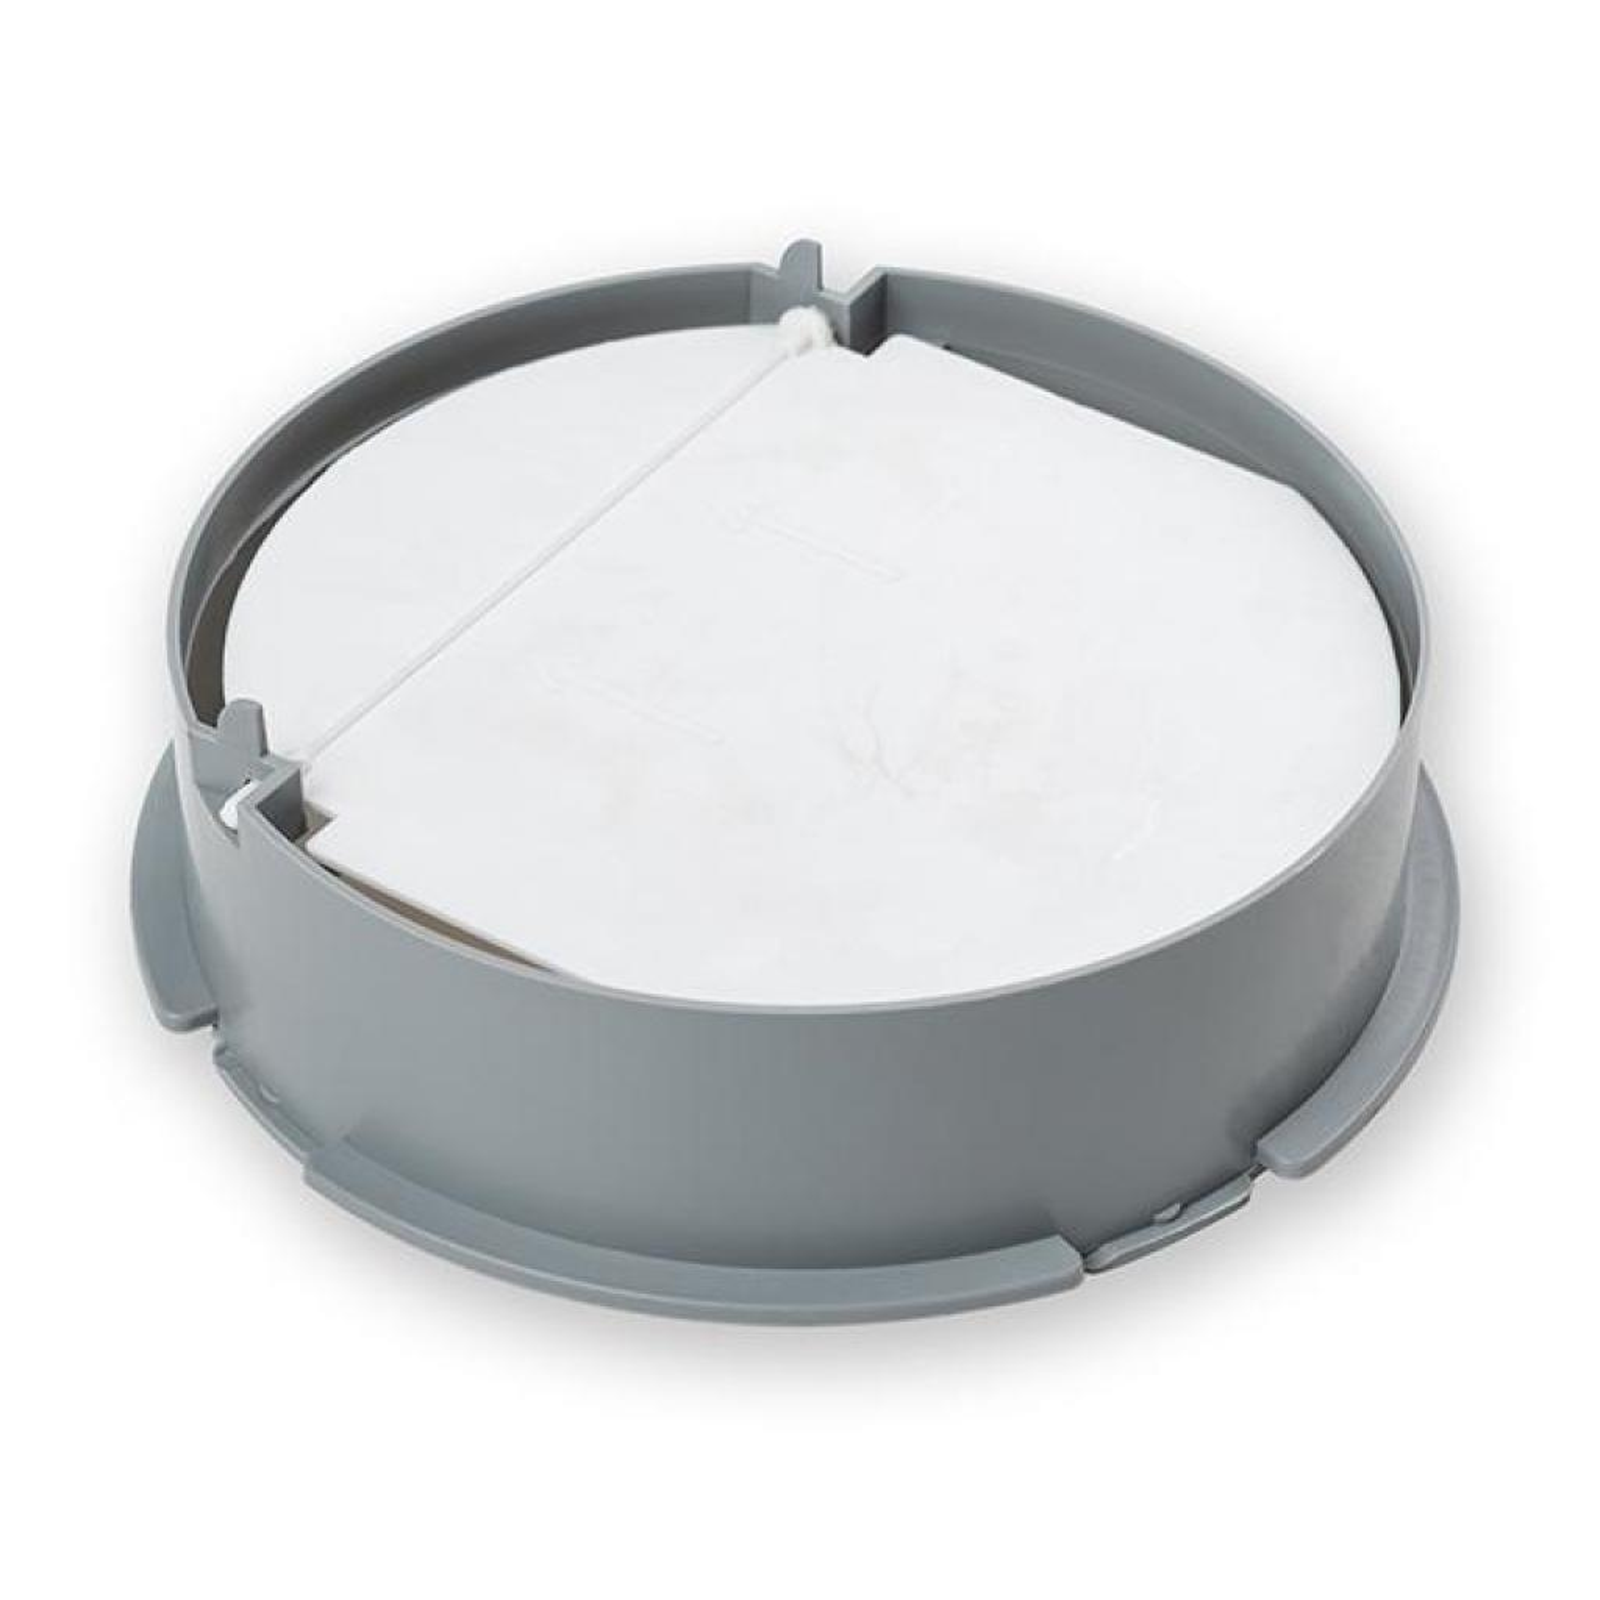 Вытяжка кухонная MINOLA HBI 5321 BL 750 изображение 2